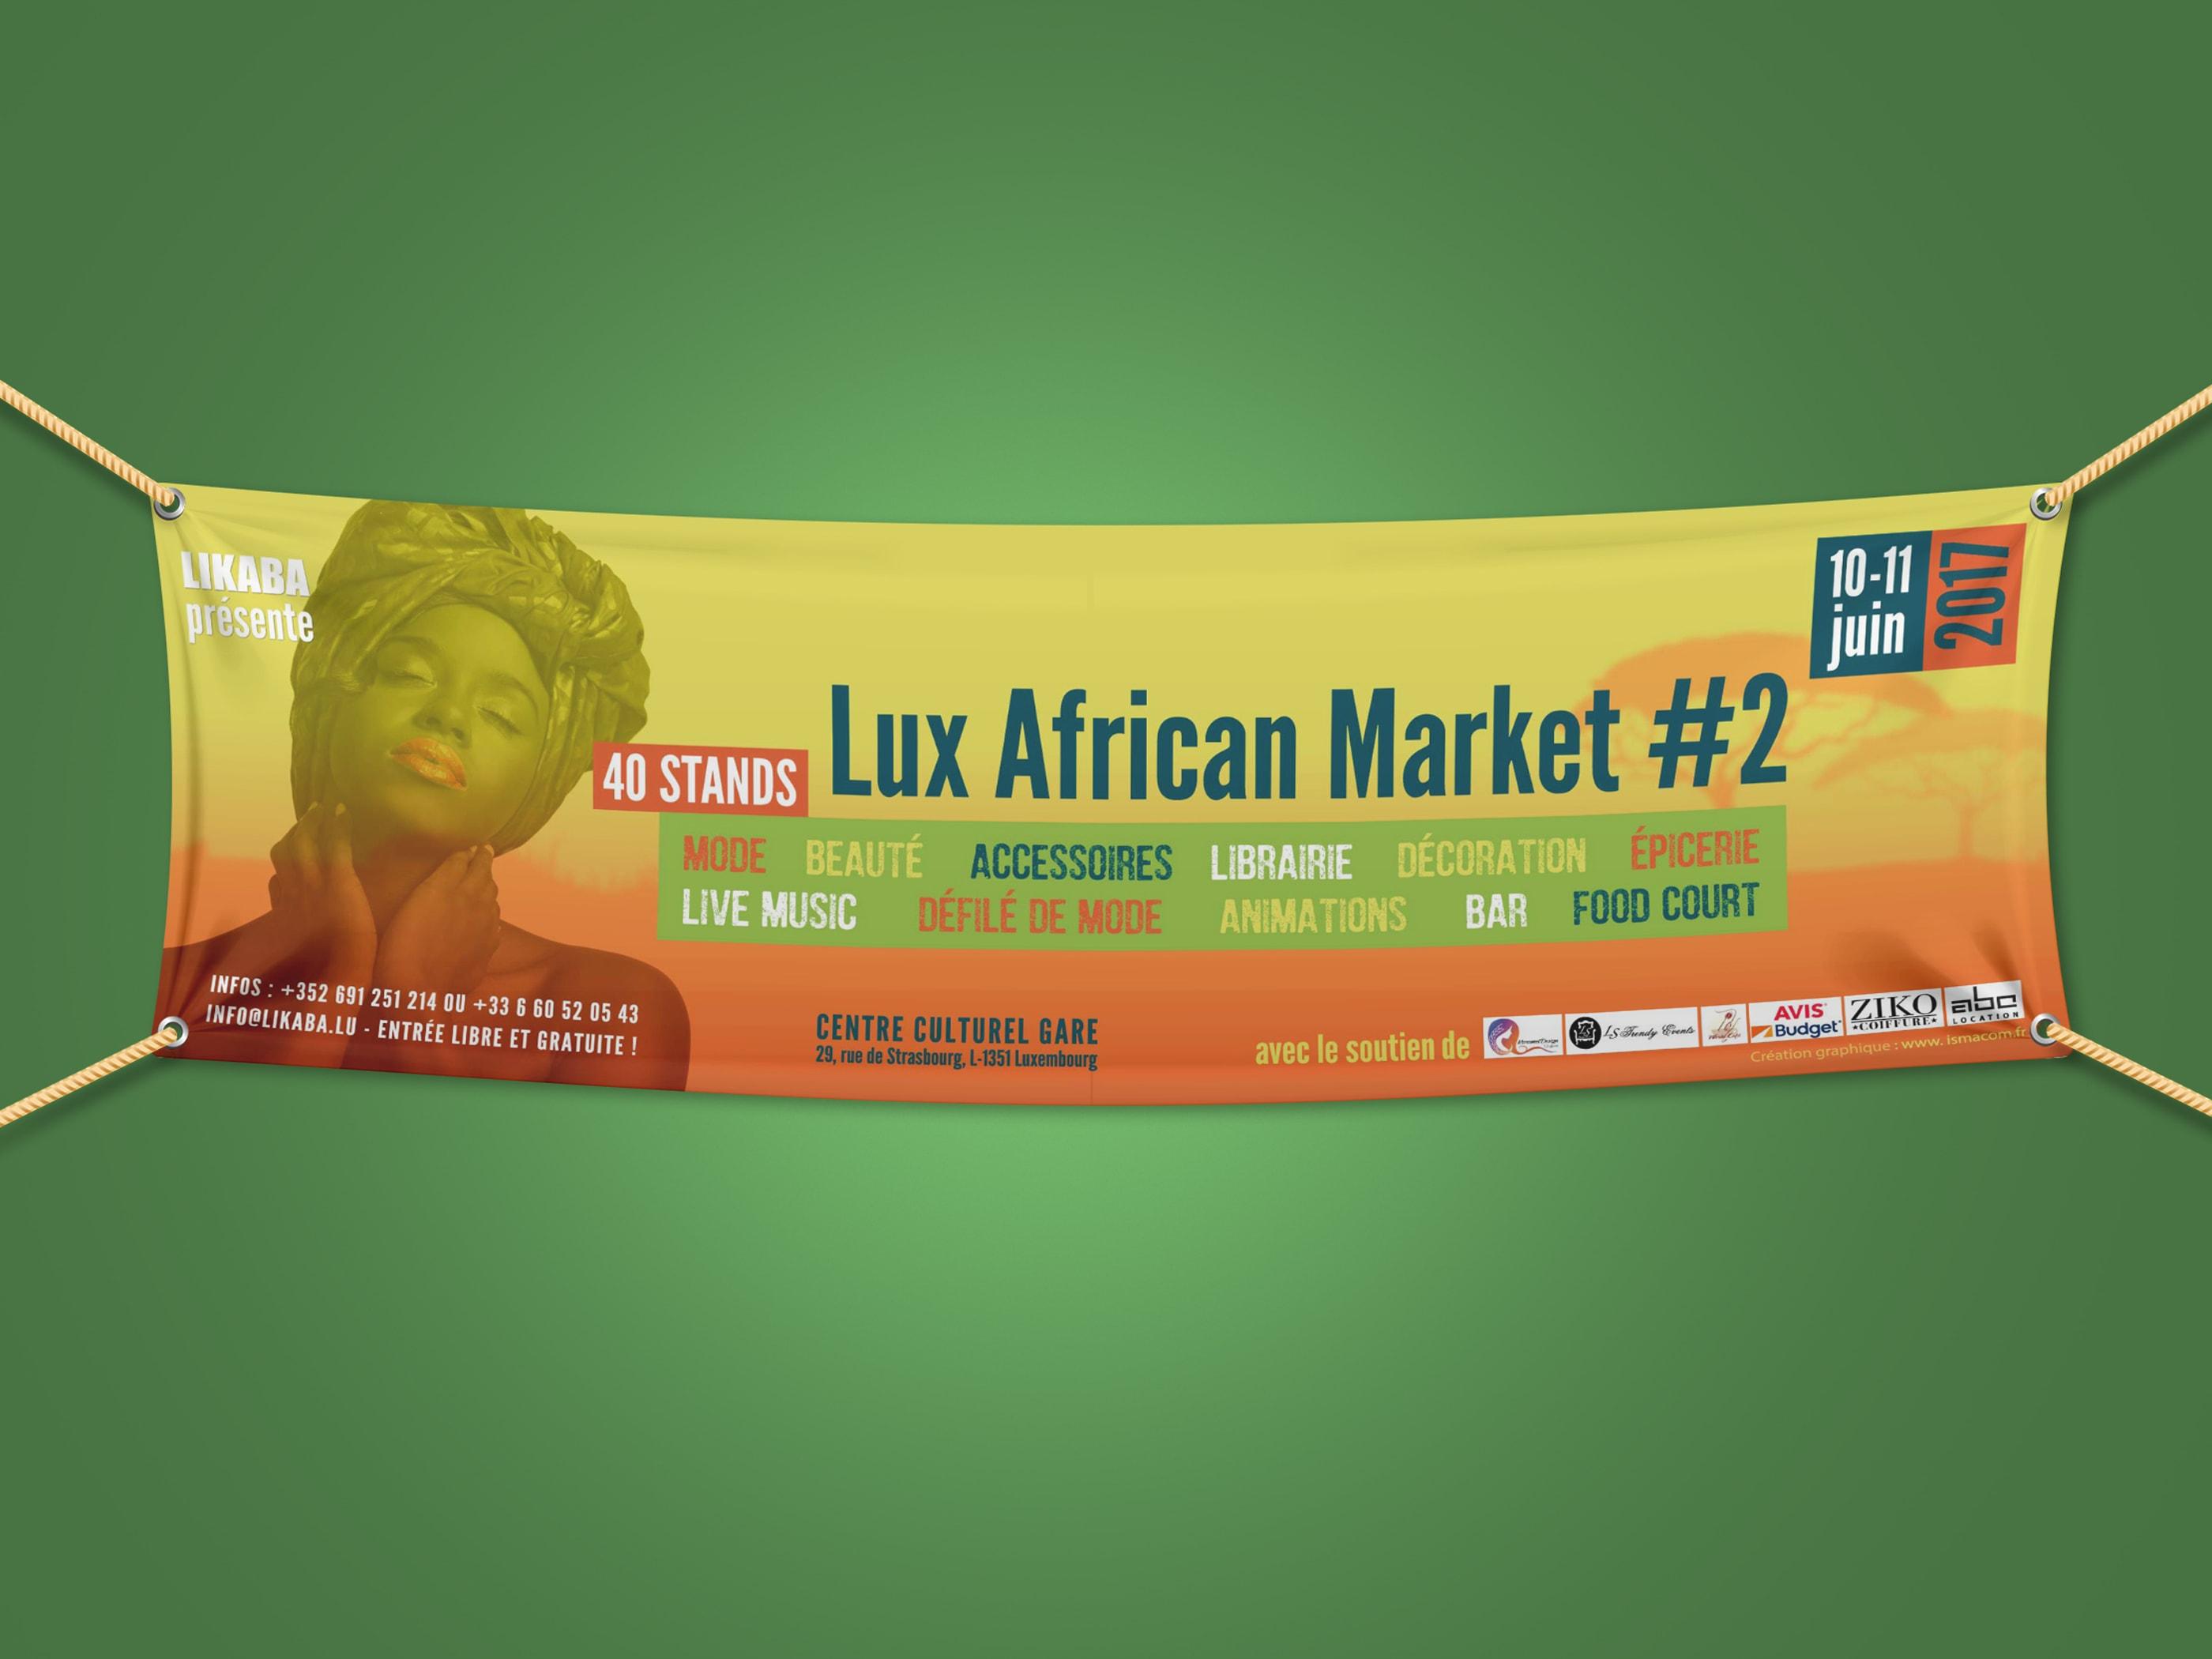 réalisation Banderoles pour likaba évènement lux african market